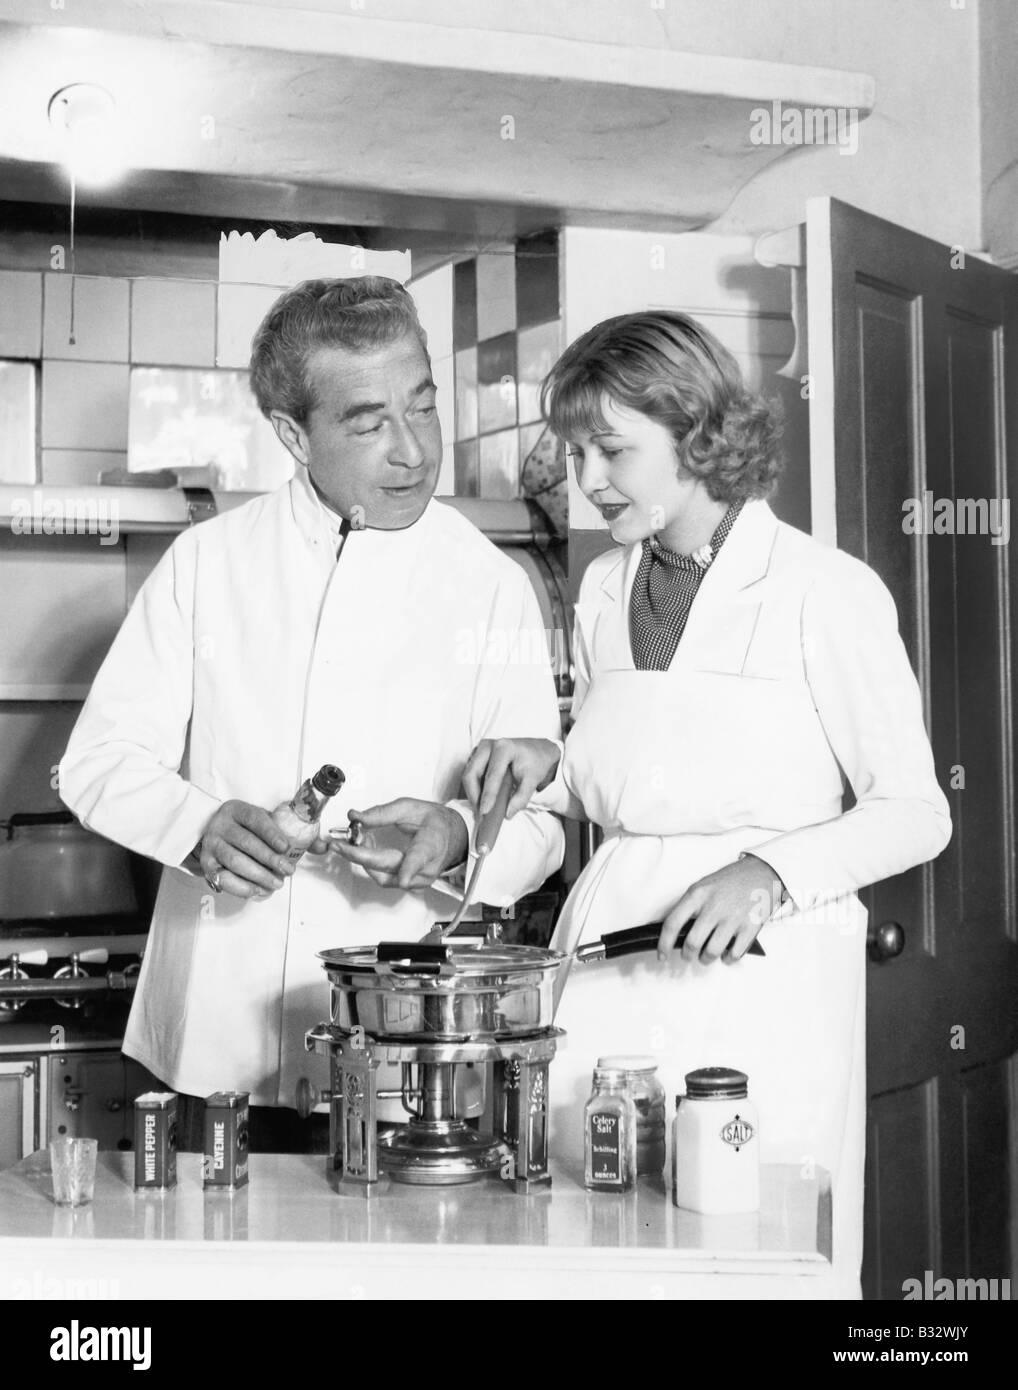 La pareja en la cocina preparando una fondue Imagen De Stock